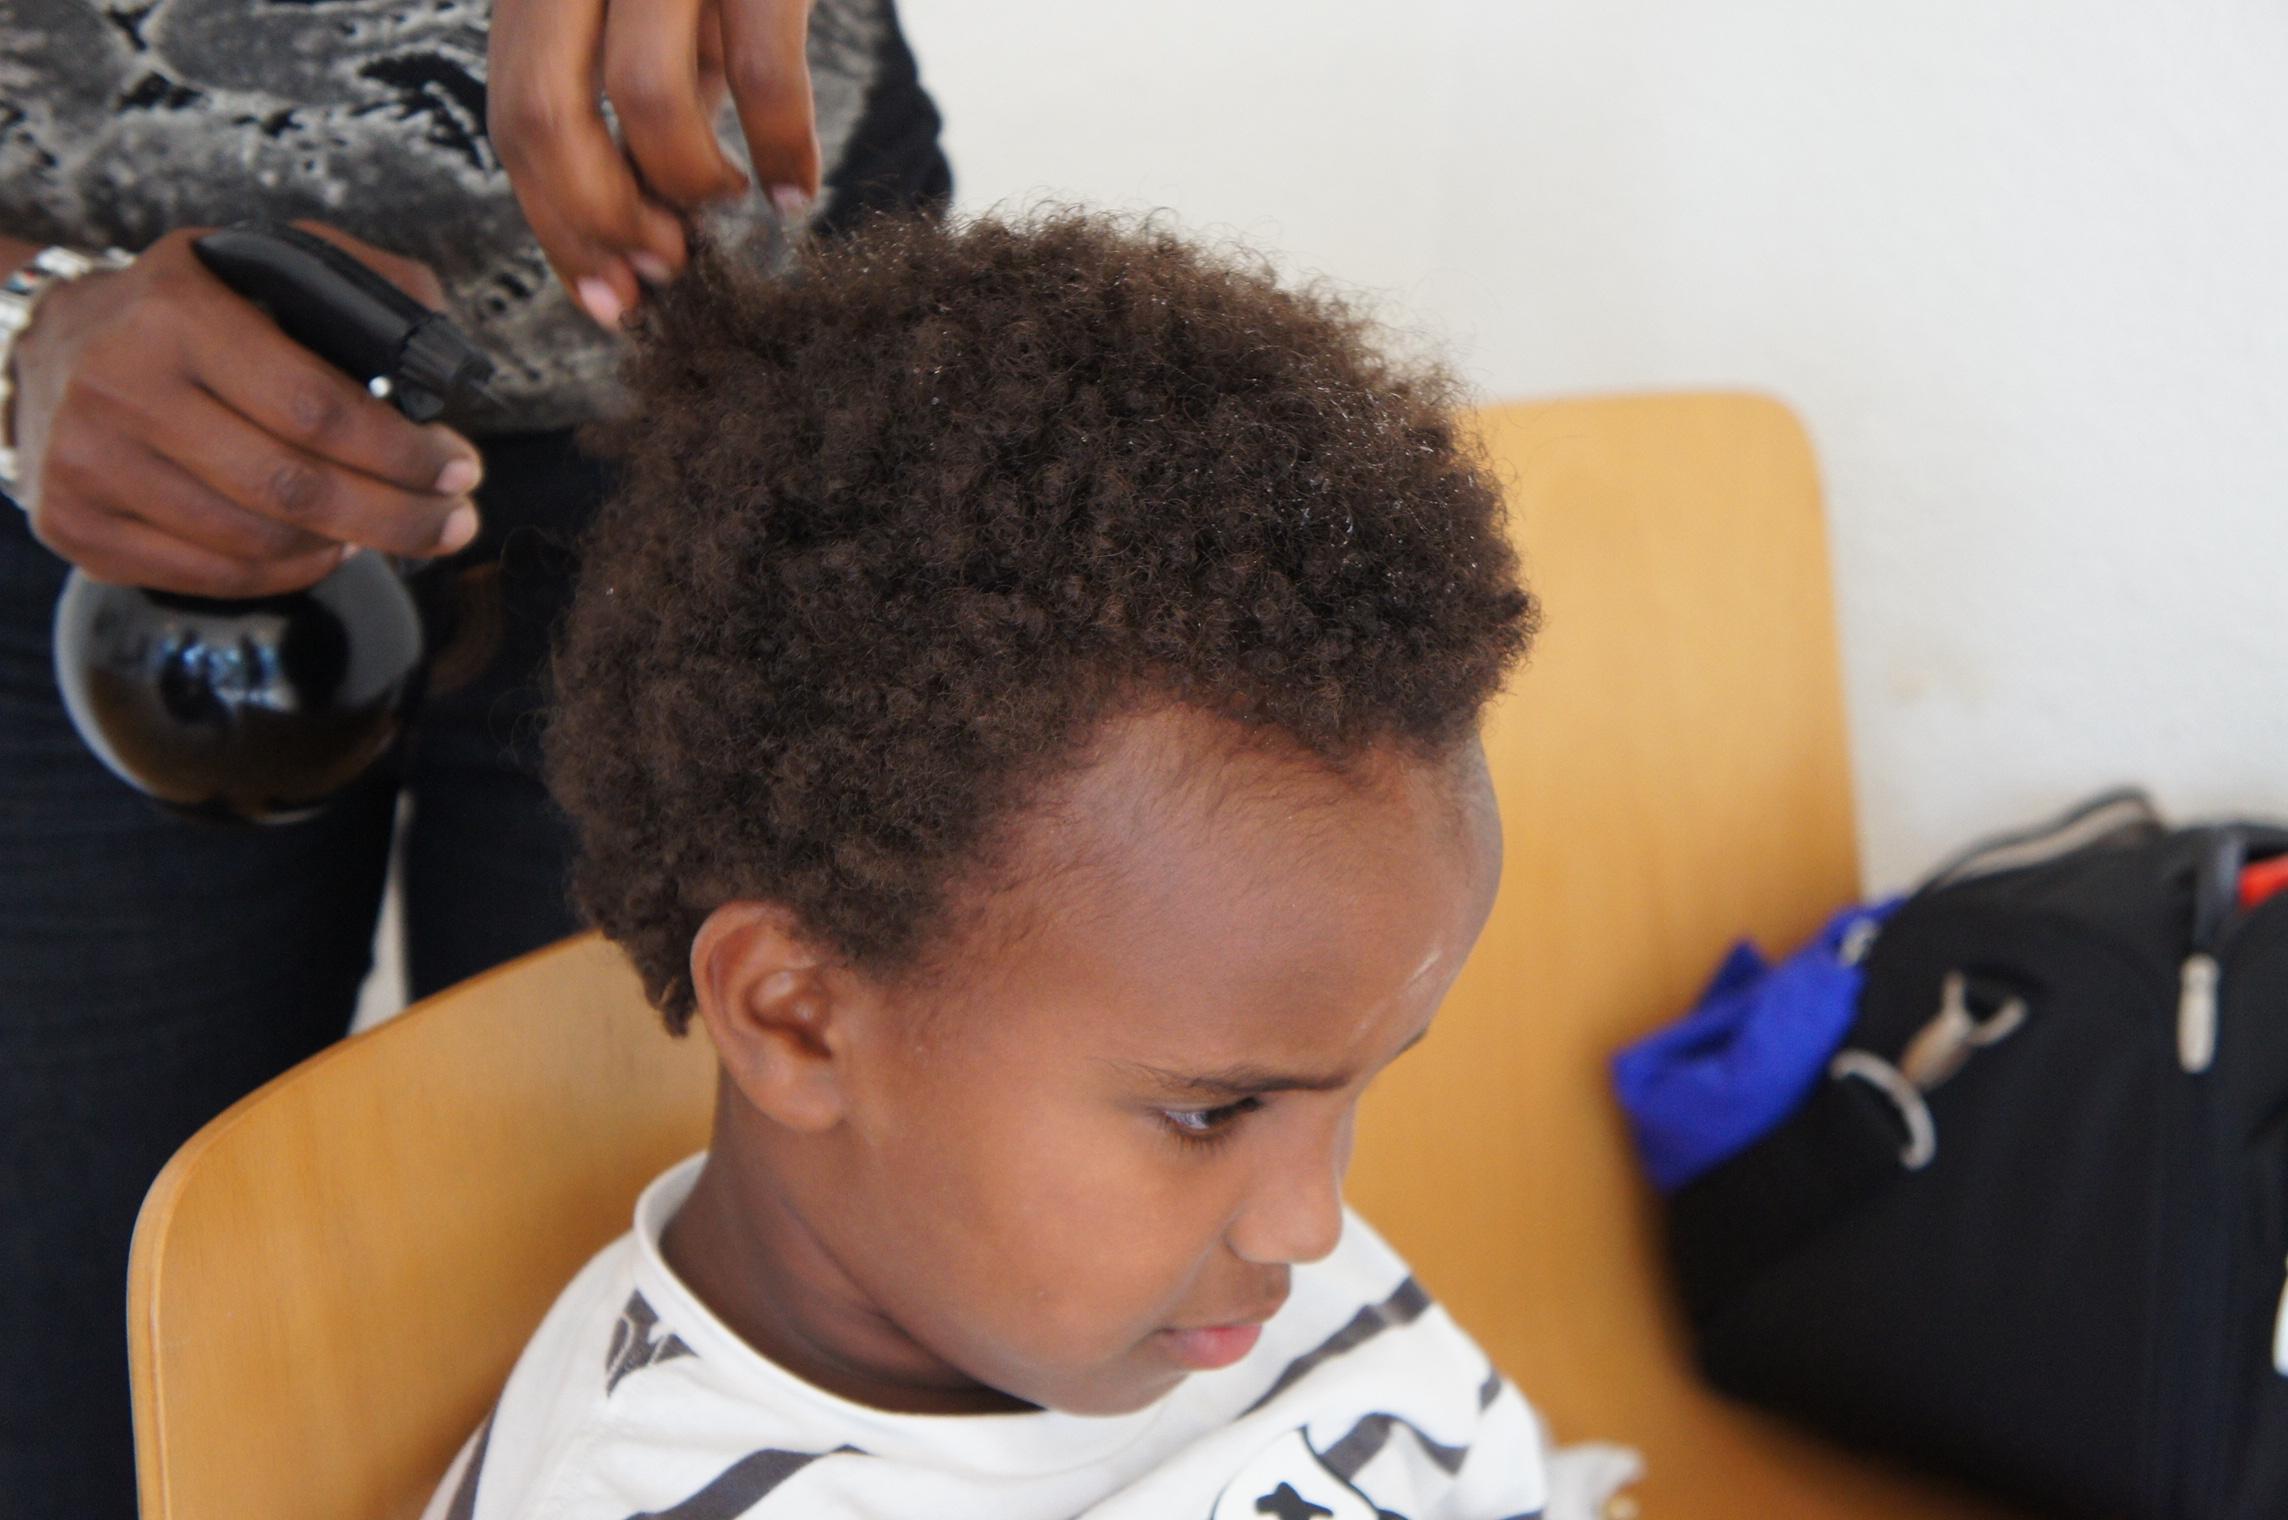 Frisuren Curly Kids Seite 2